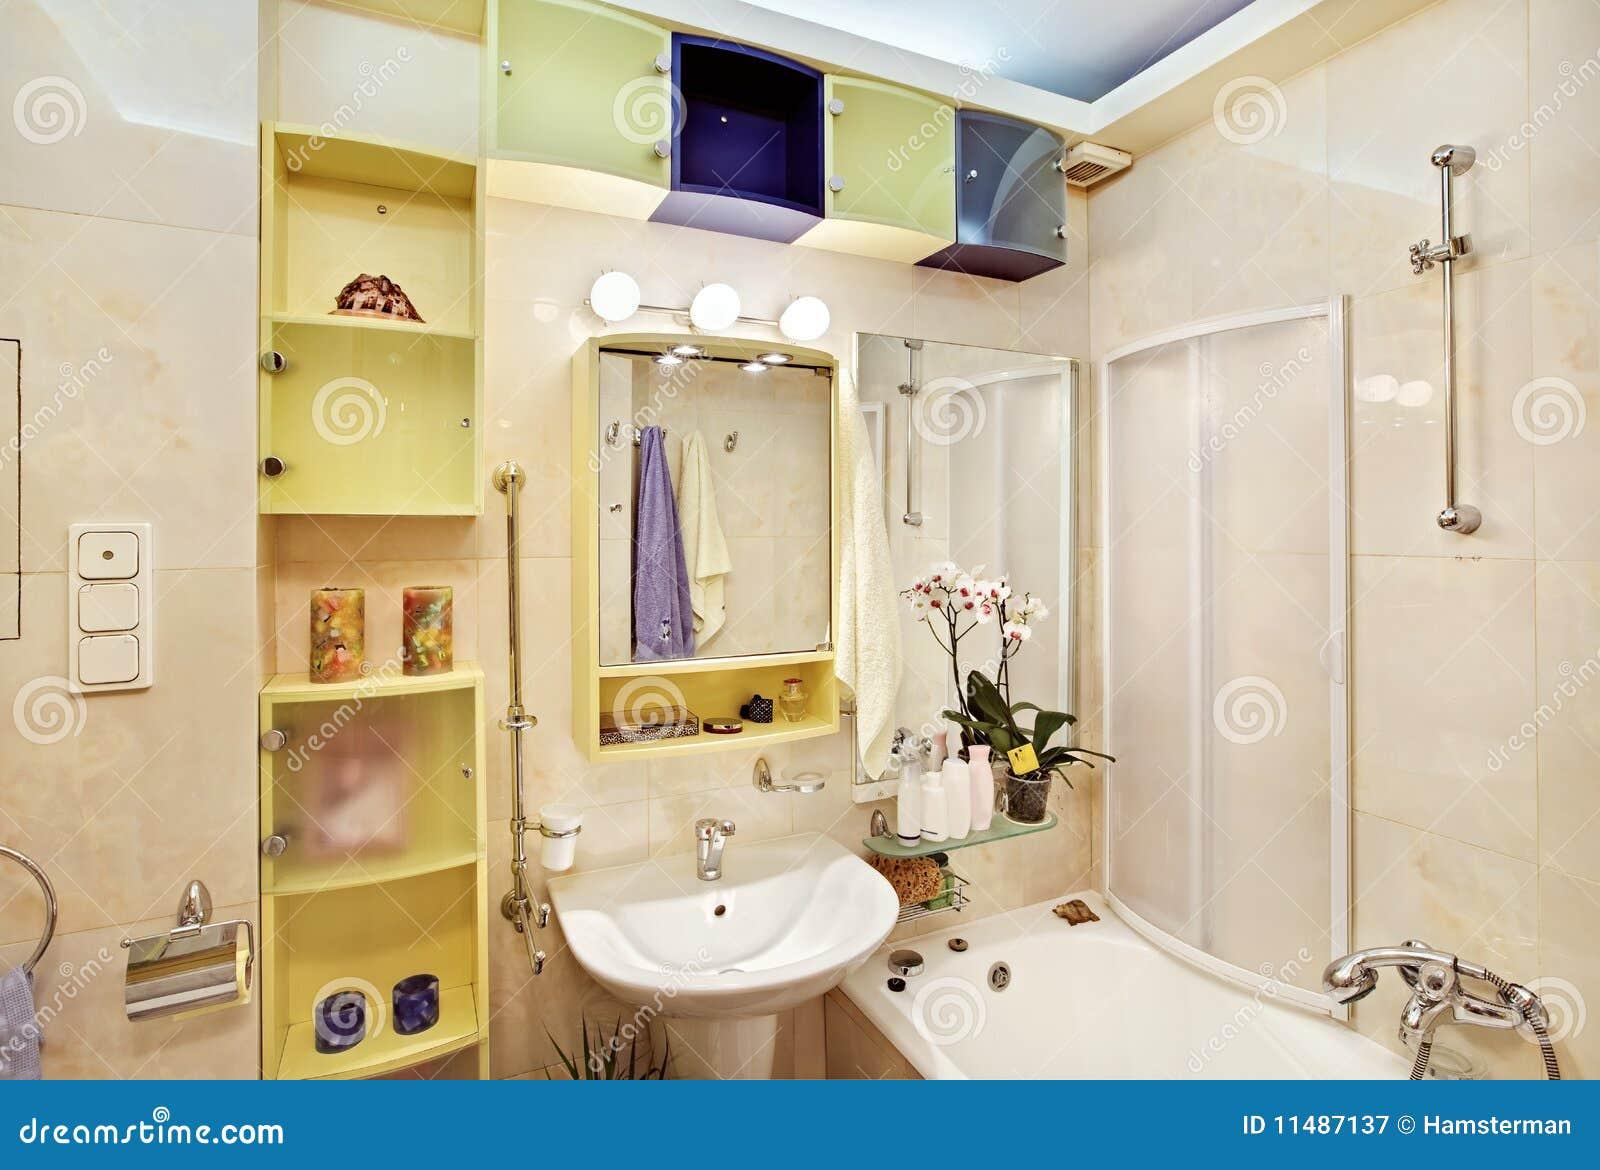 Salle De Bains Moderne Dans Jaune Et Le Bleu Image stock - Image du ...